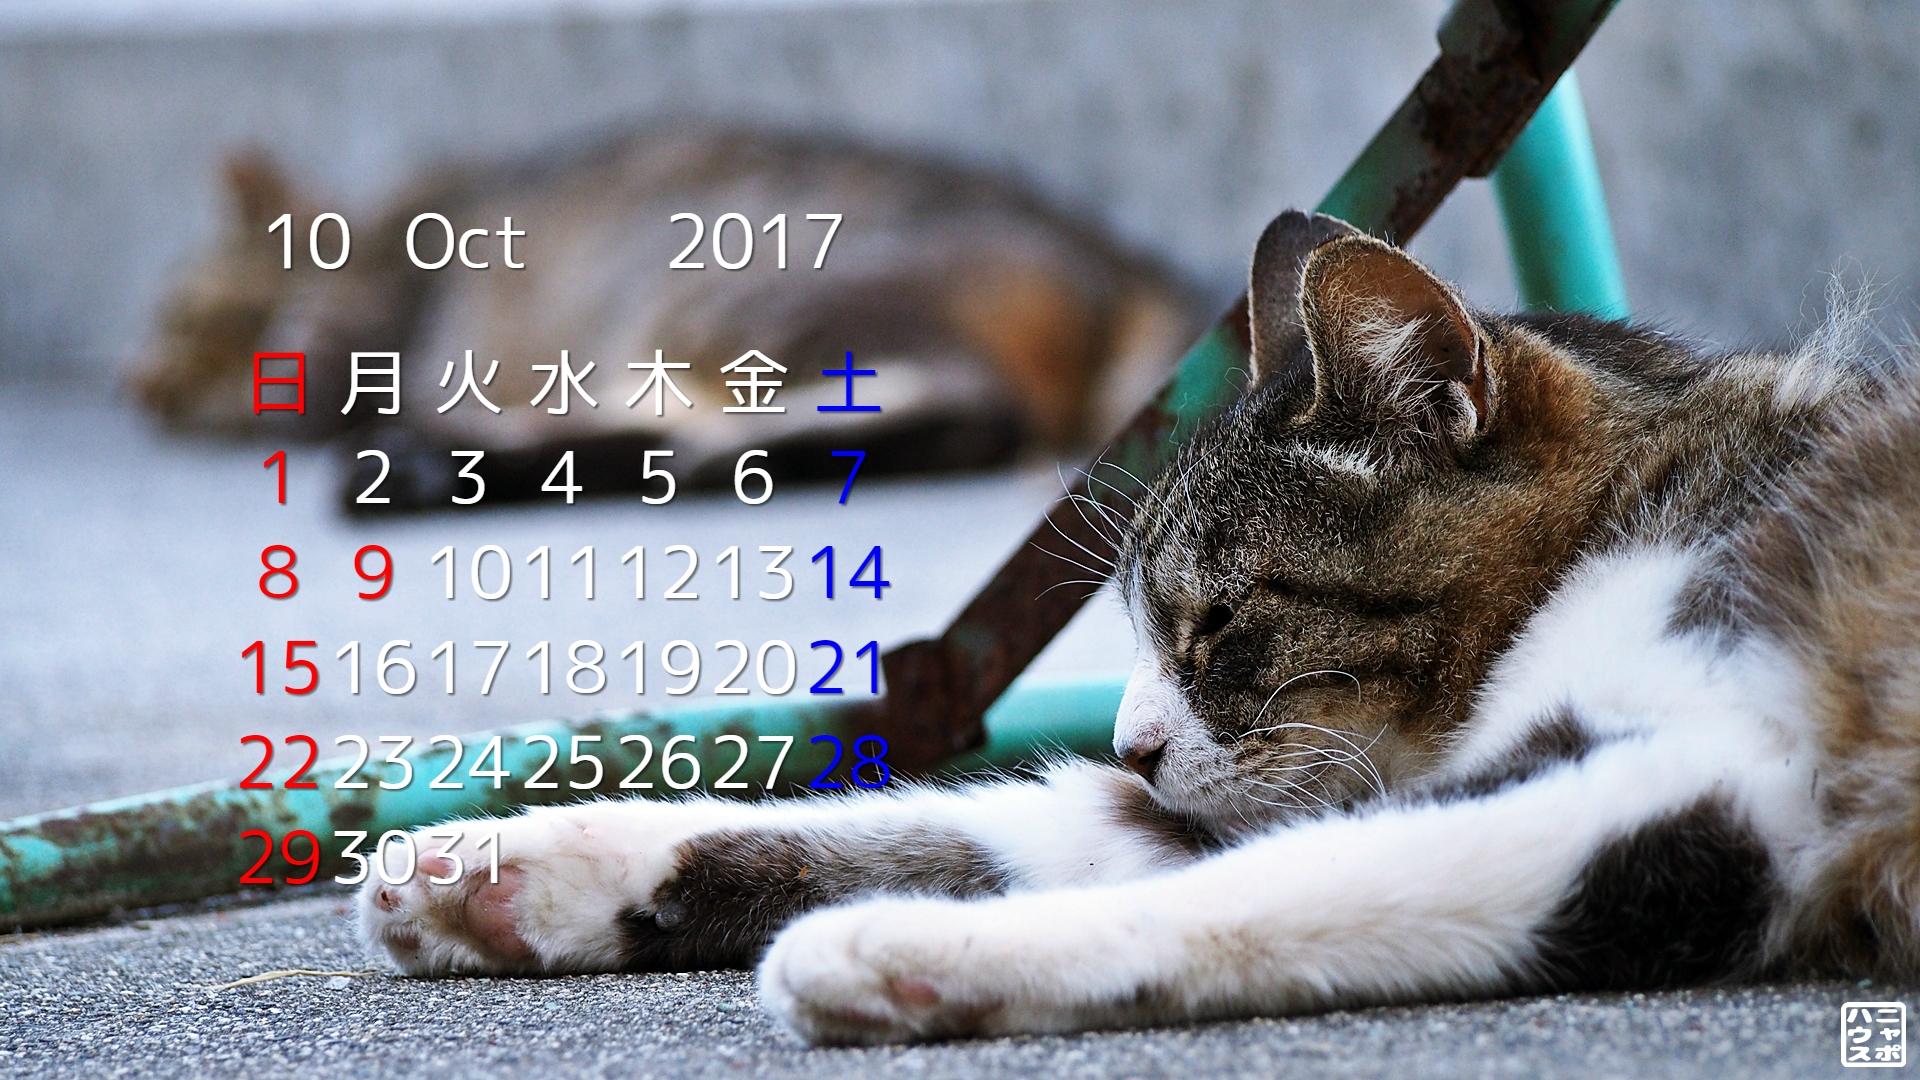 2017年10月 猫デスクトップカレンダー